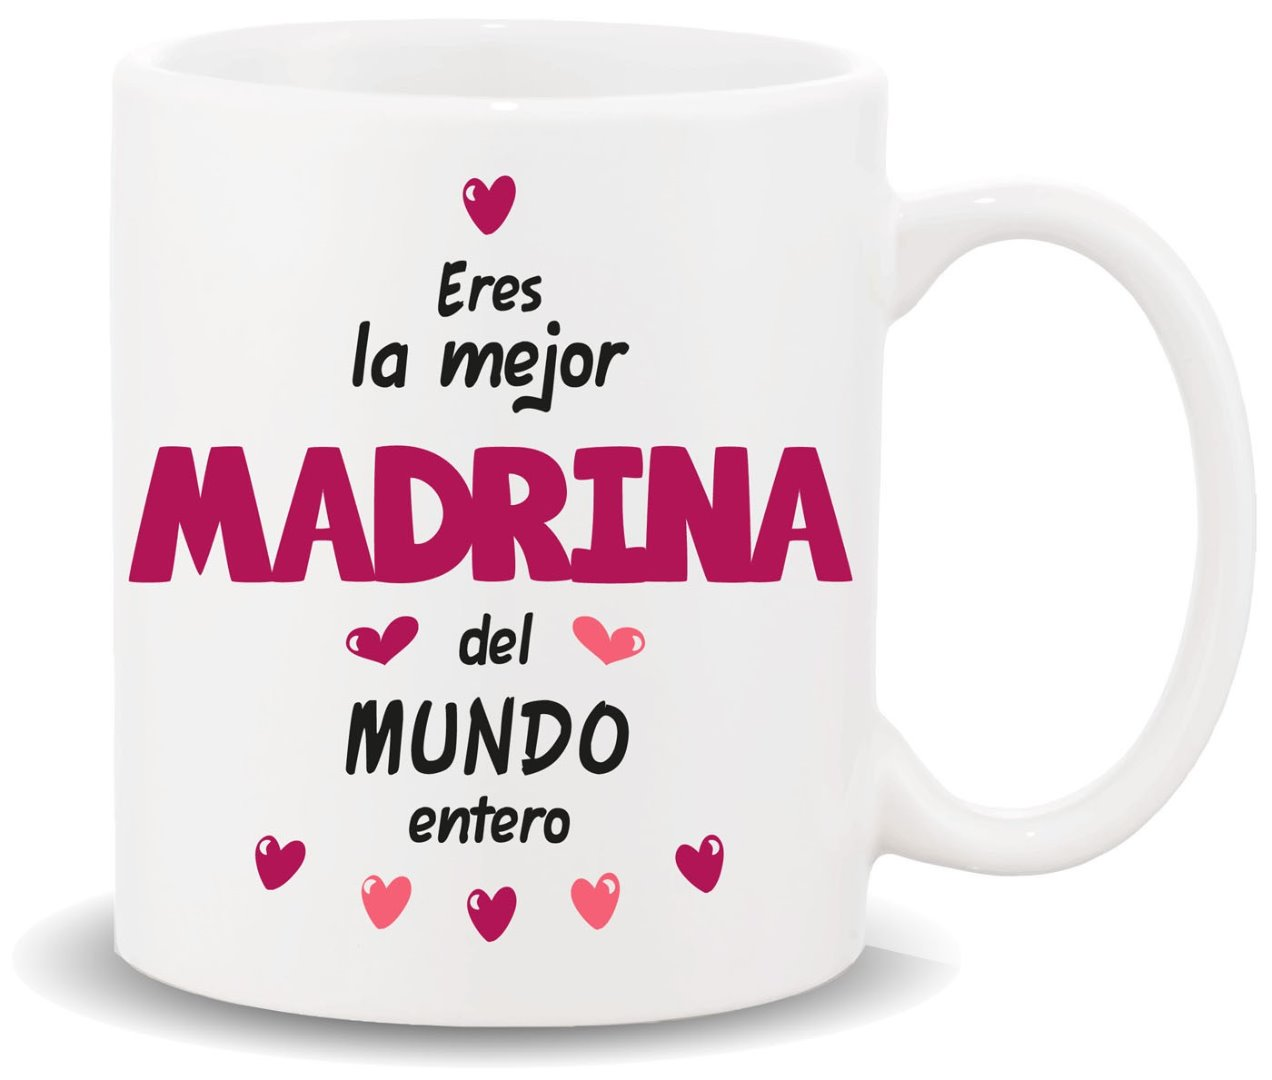 Tazas Madrinas y Padrinos - Eres La Mejor Madrina Del Mundo Entero